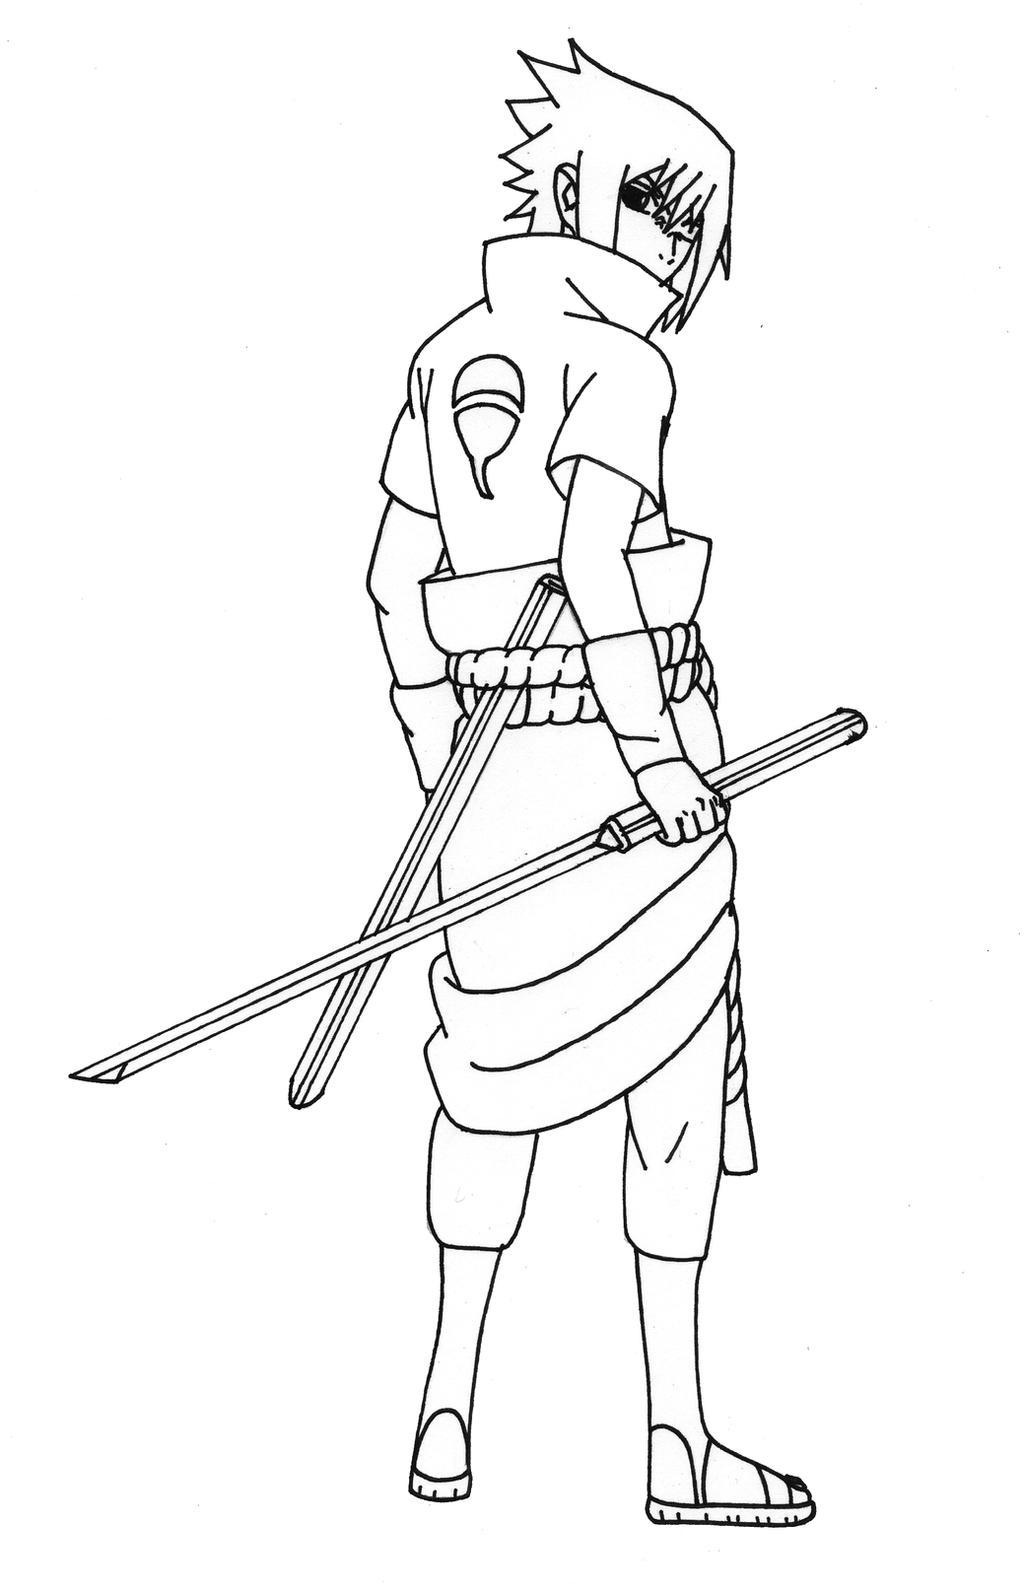 Sasuke Shippuden [Taka] by cheygipe on DeviantArt